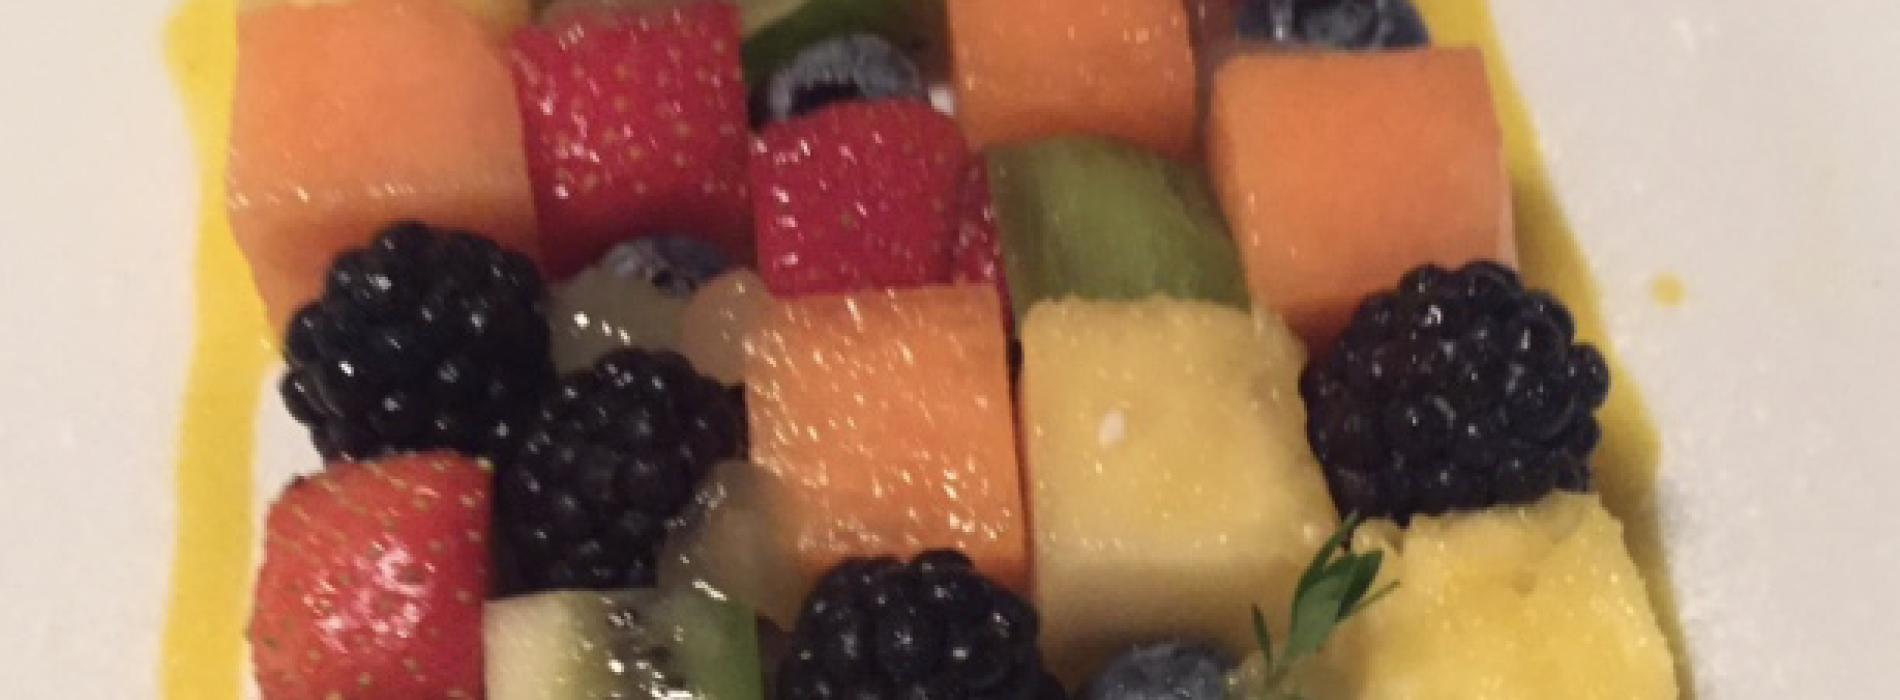 Siamo alla frutta! Ma non è mica un male